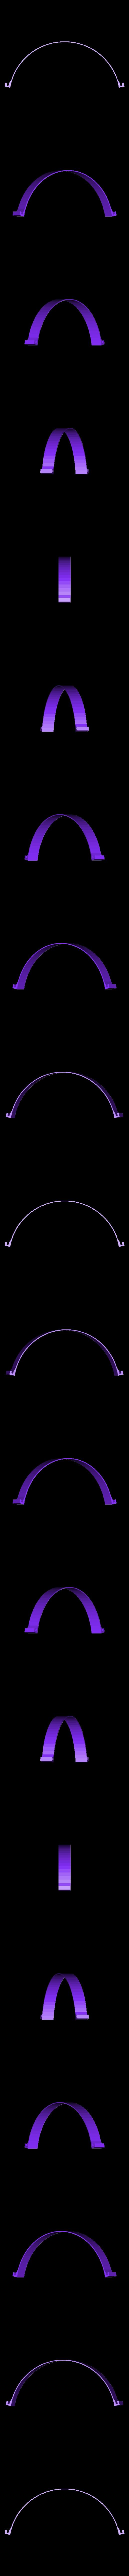 SUJECION_MASCARILLA_SIMPLE_AGARRE_150MM.stl Télécharger fichier STL gratuit Porte-masque simple et double courbe + Boucle d'oreille (pour sauver les oreilles) • Objet pour imprimante 3D, celtarra12